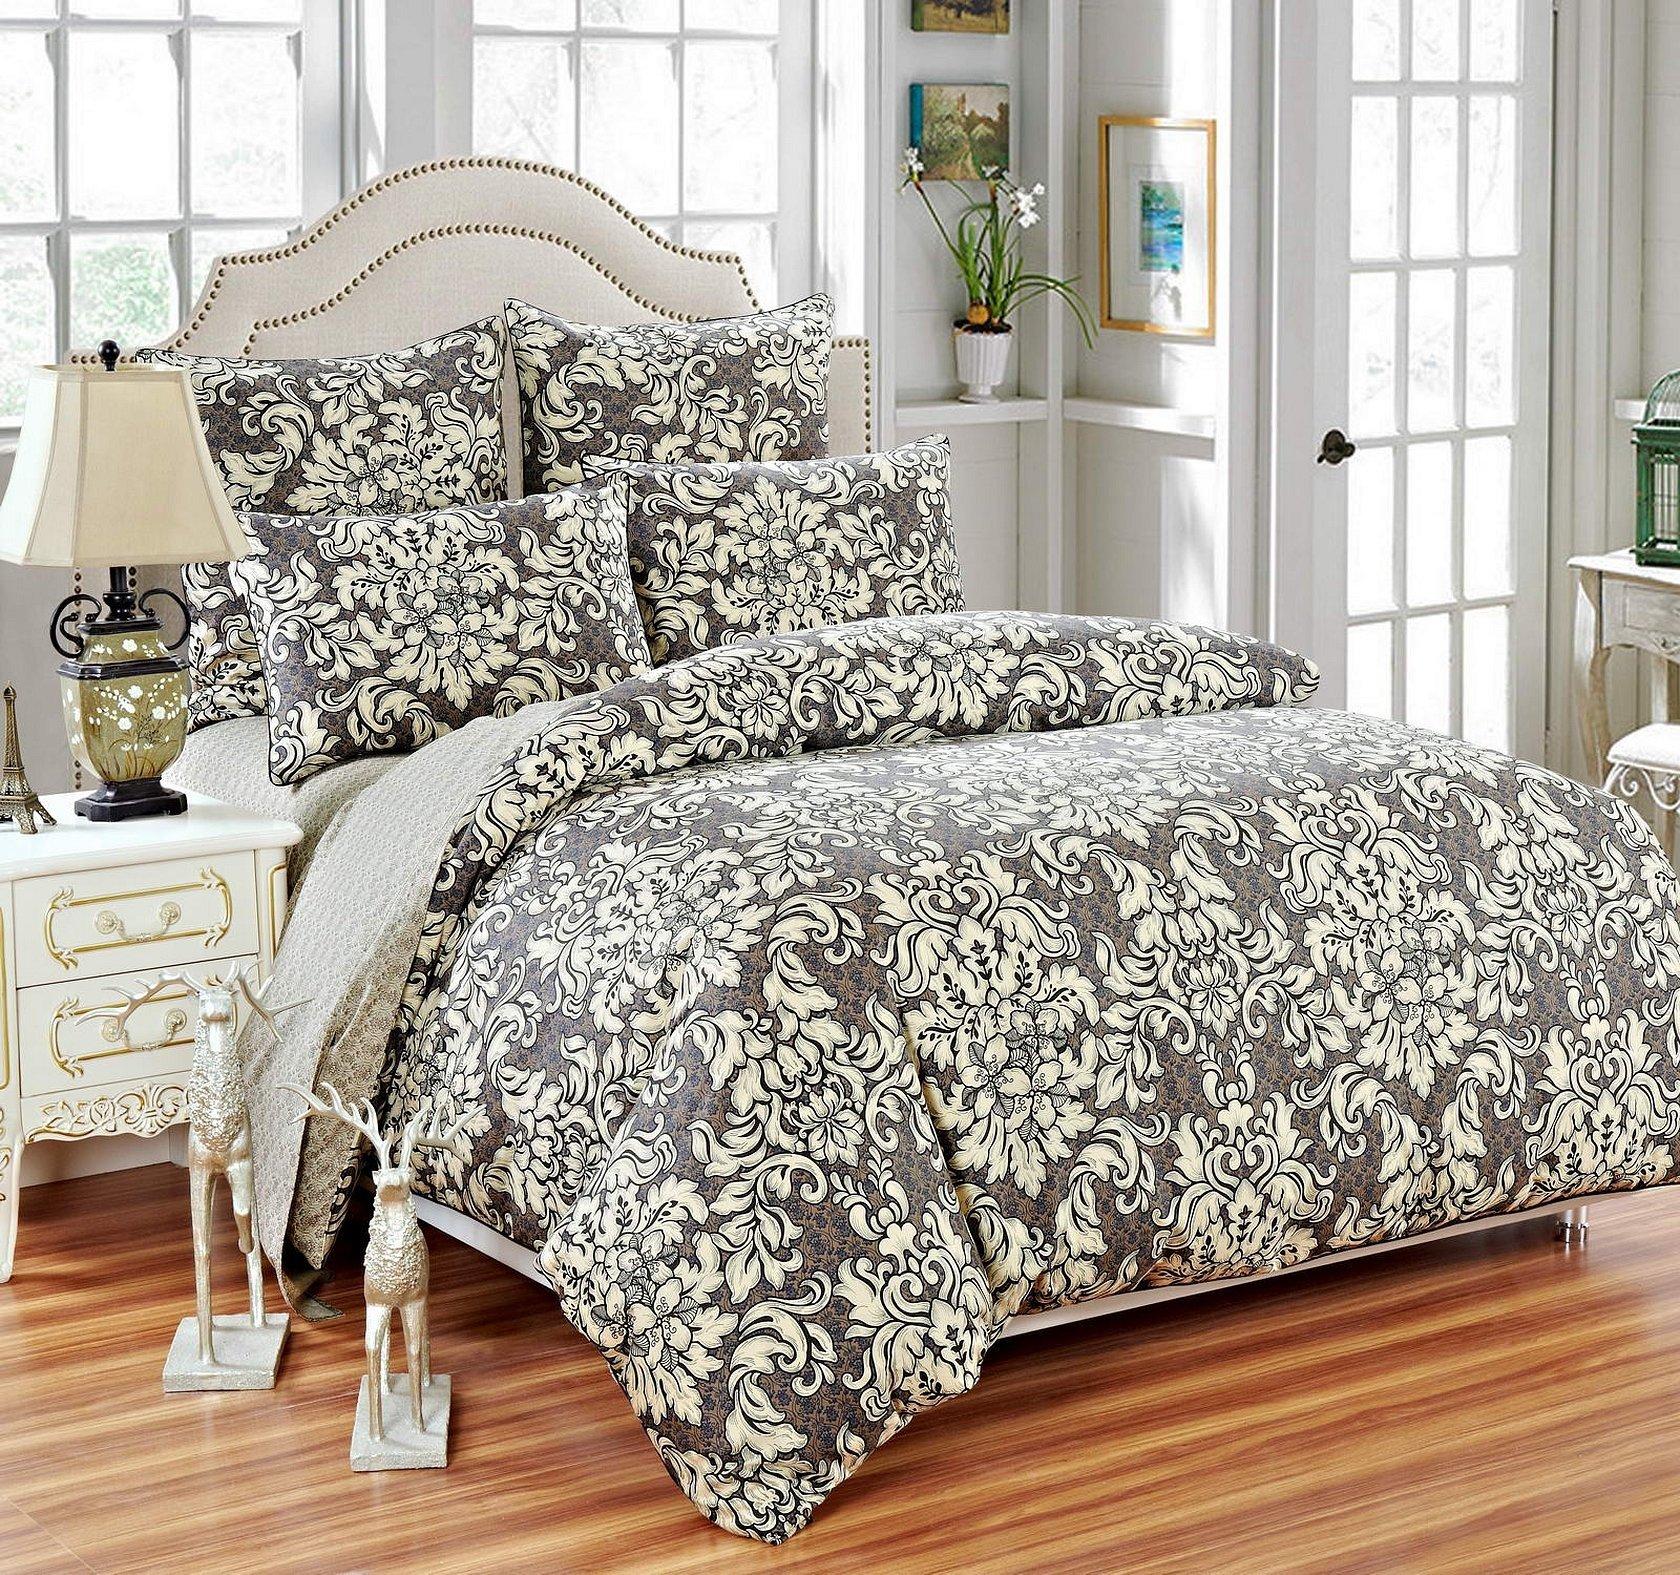 Комплект постельного белья от софи де марко